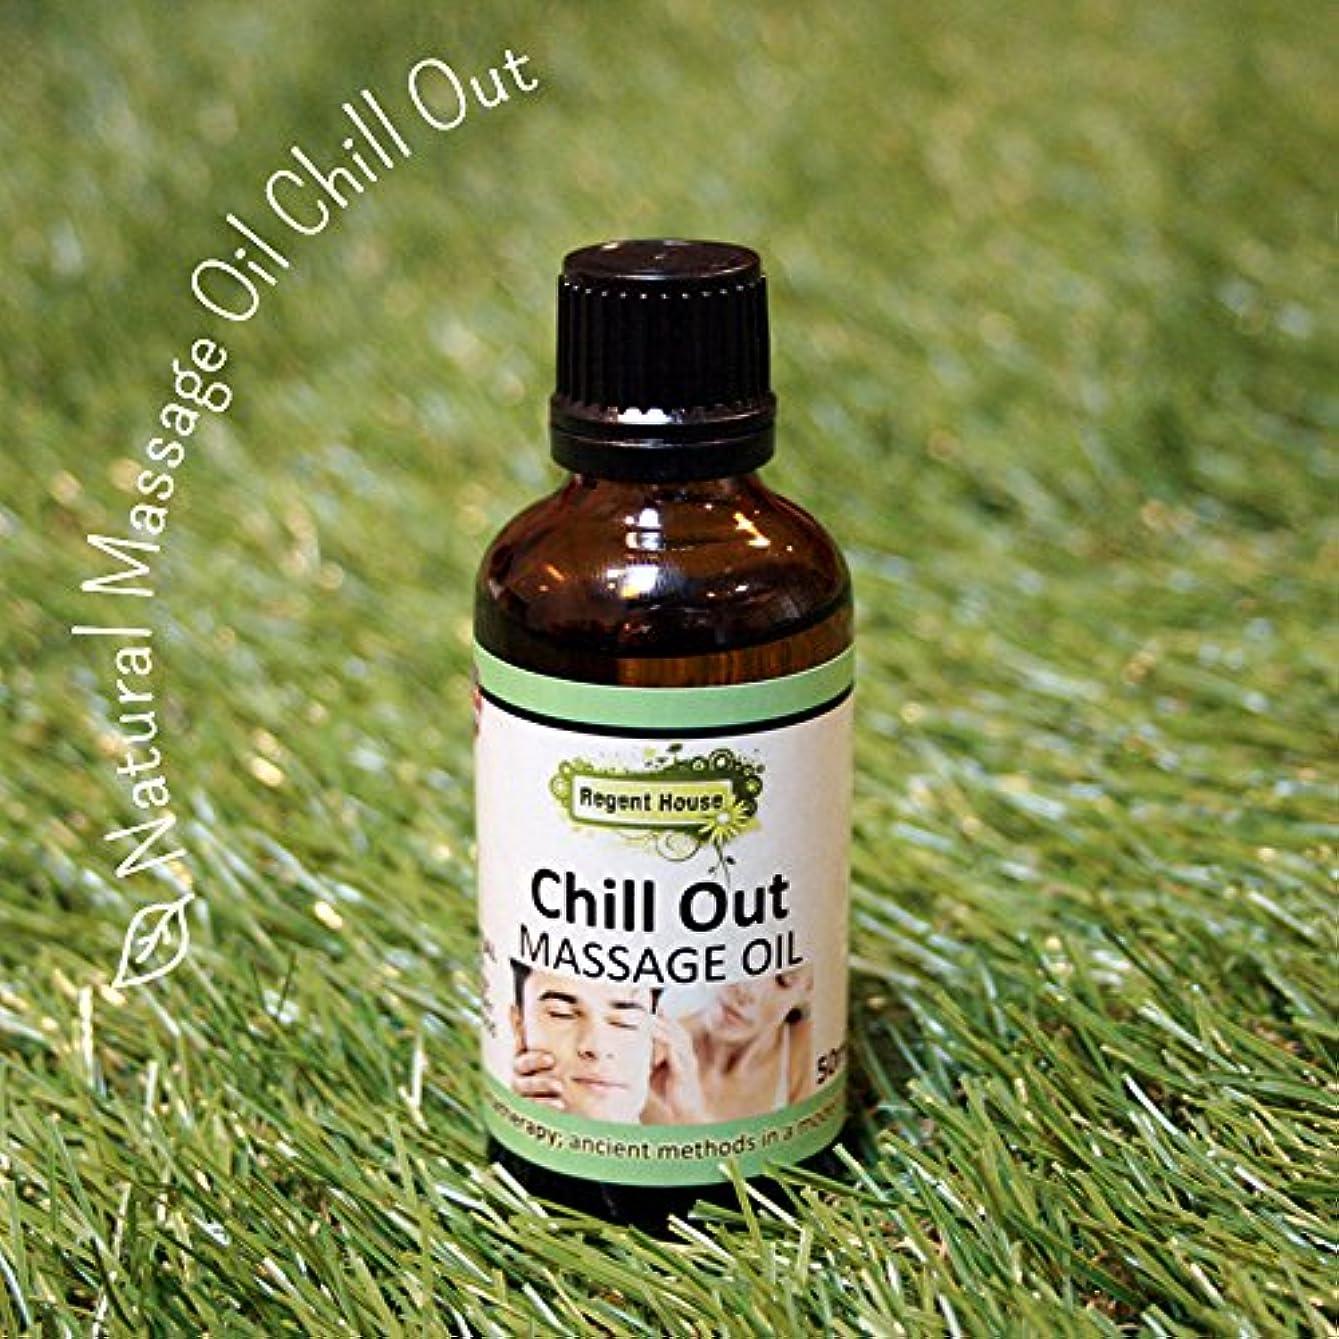 一口忌避剤治世貴重なローズウッドを、たっぷり配合しました。 アロマ ナチュラル マッサージオイル 50ml チルアウト(Aroma Massage Oil Chill Out)